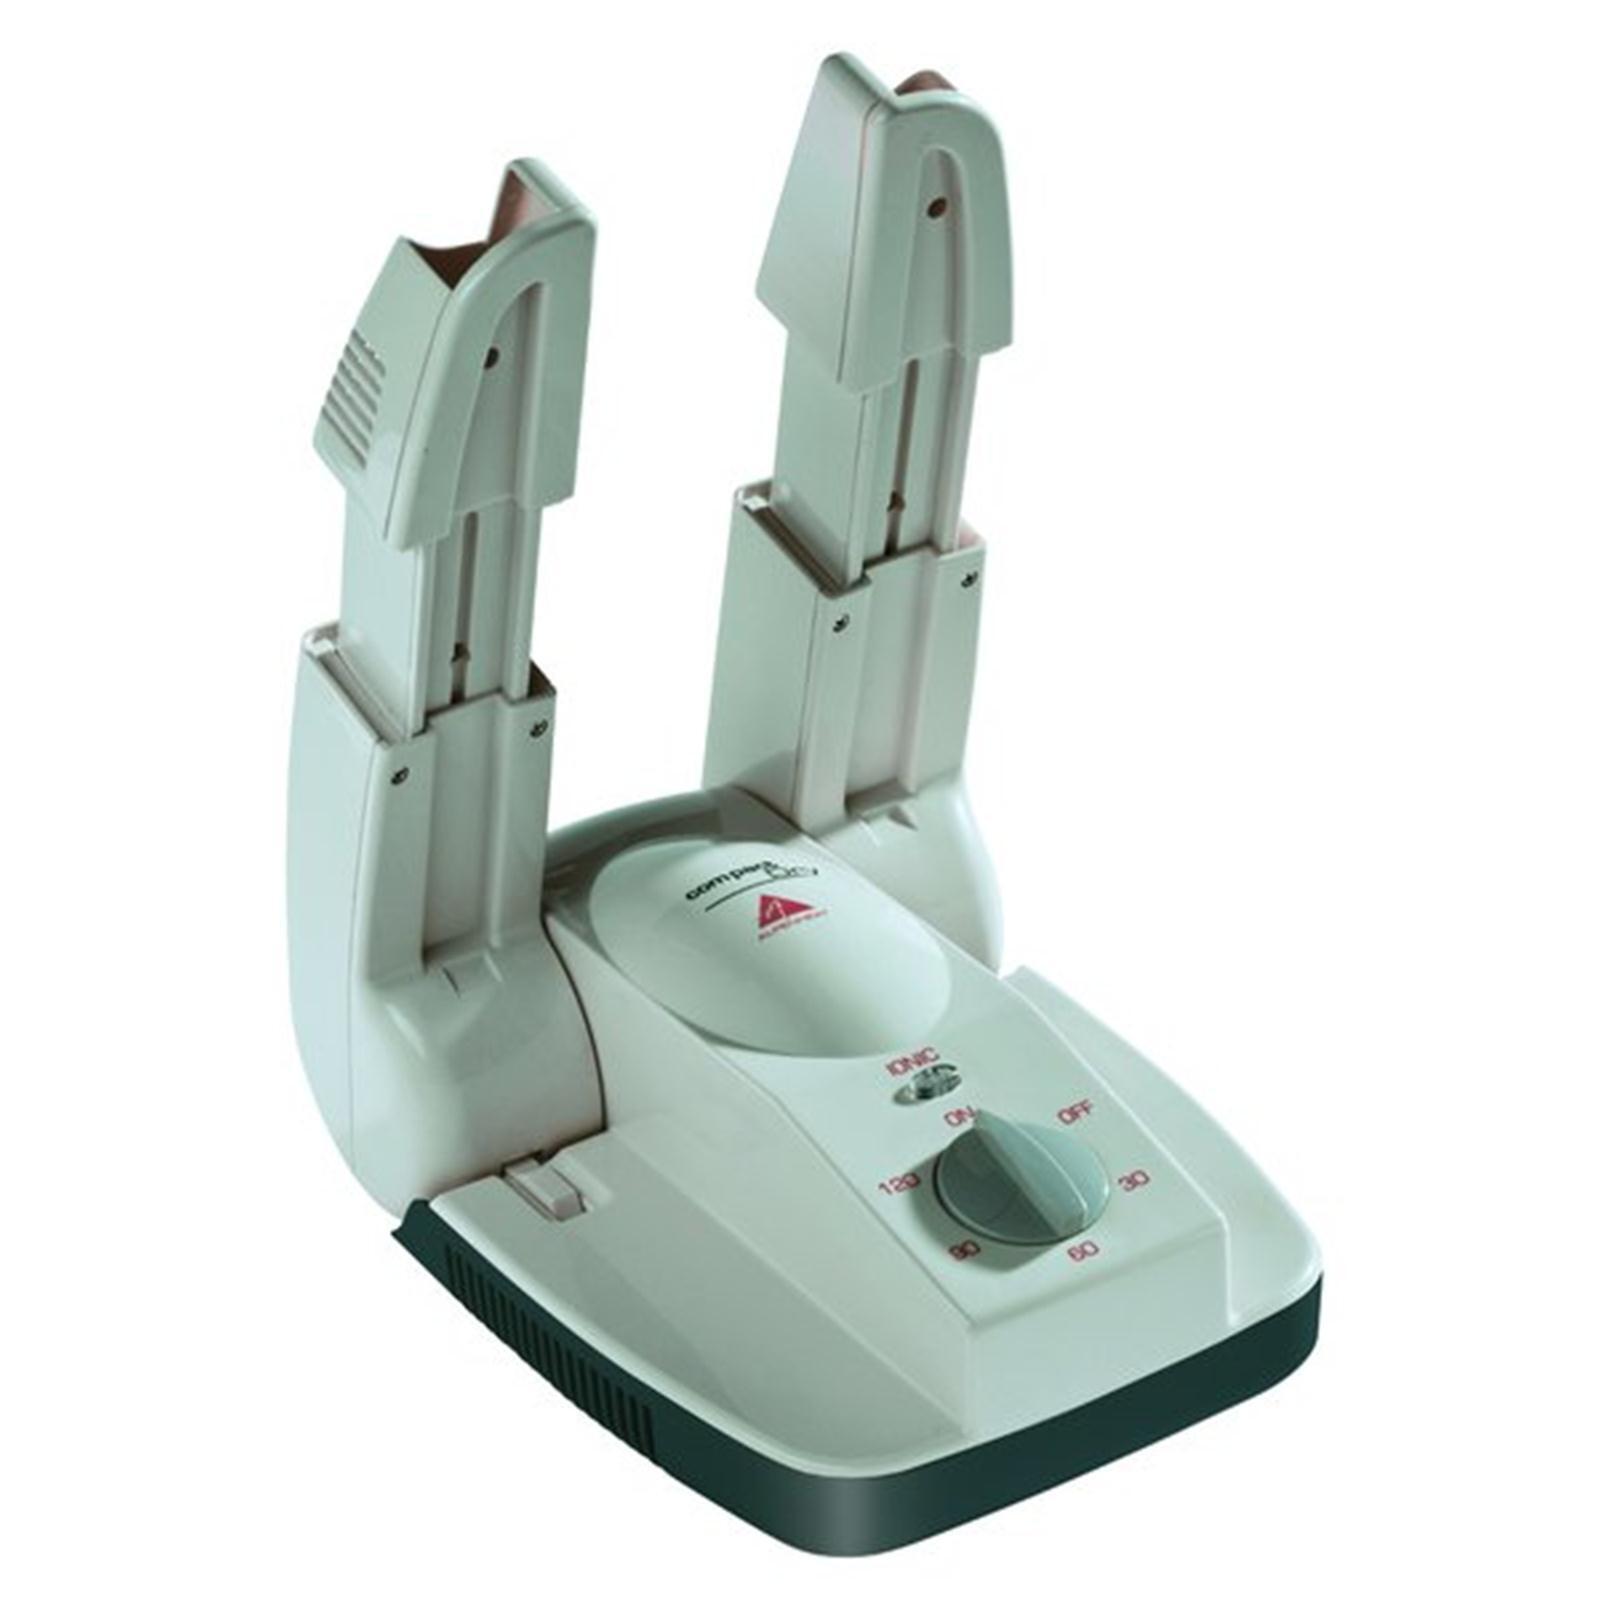 Alpenheat ad11 Compact dry ionizer zapato secadora contra olores zapatos mojados